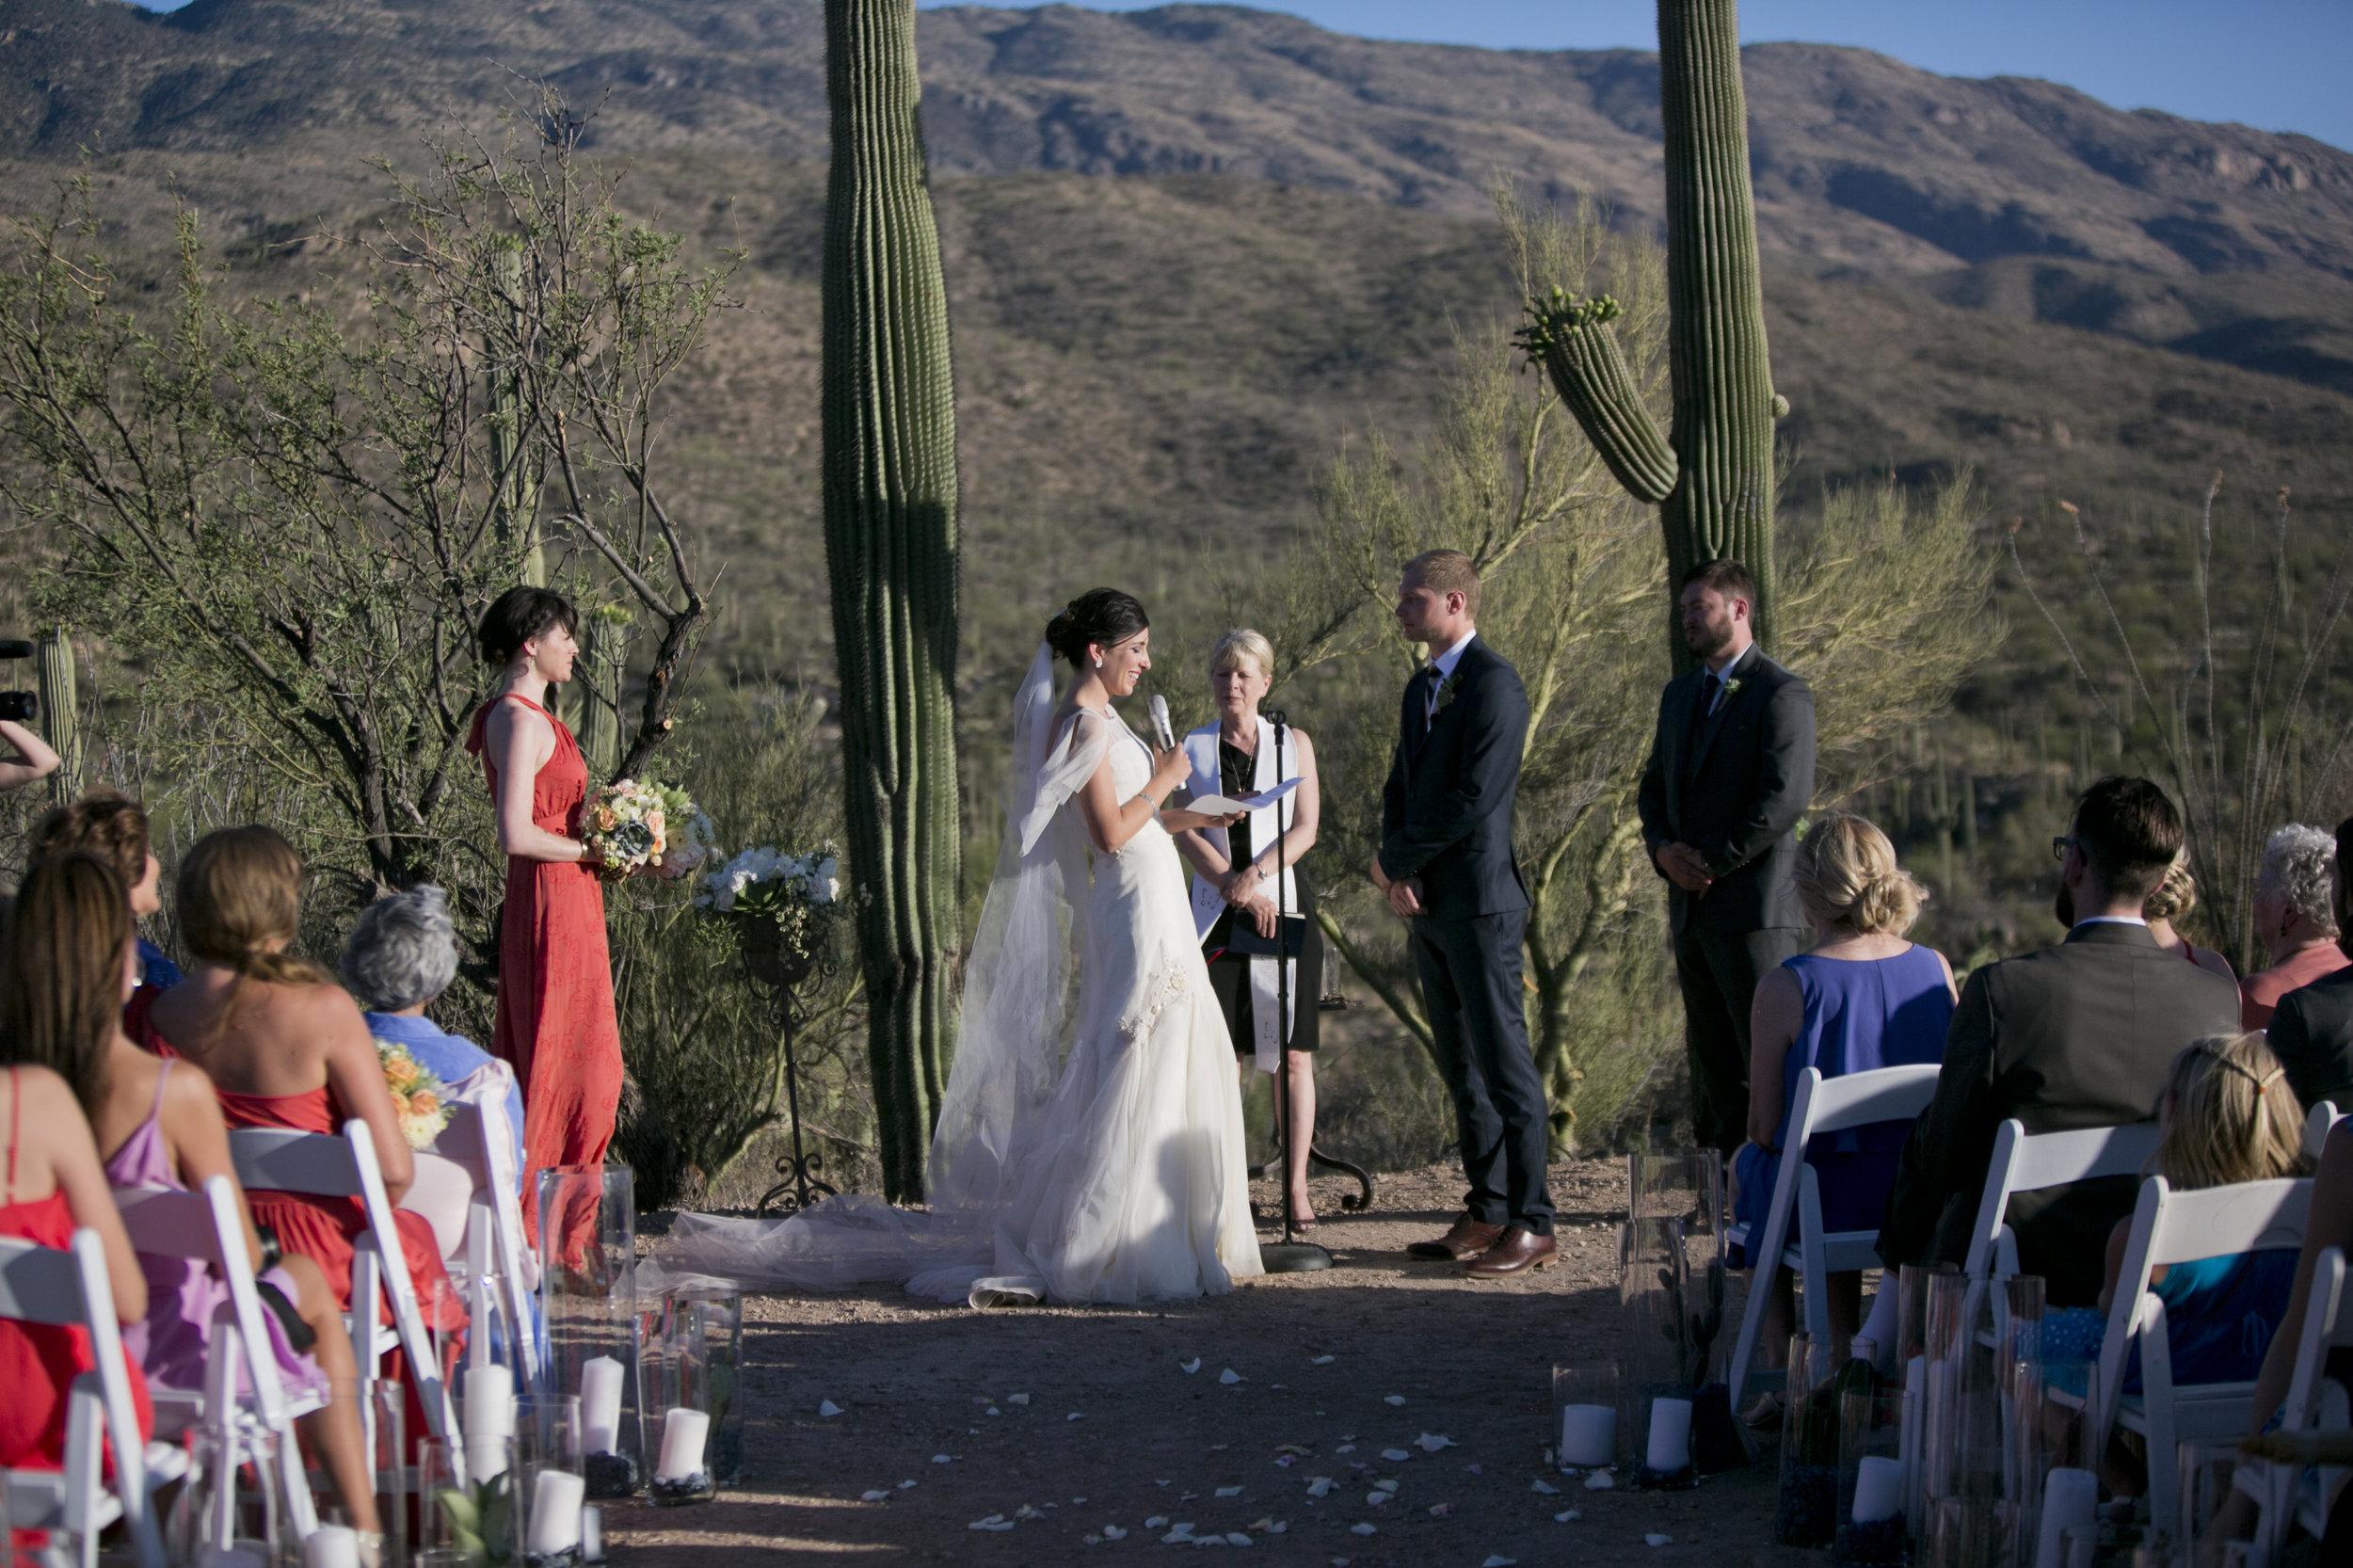 Ceci_New_York_Ceci_Style_Ceci_Johnson_Luxury_Lifestyle_Arizona_Wedding_Watercolor_Inspiration_Design_Custom_Couture_Personalized_Invitations_116.jpg